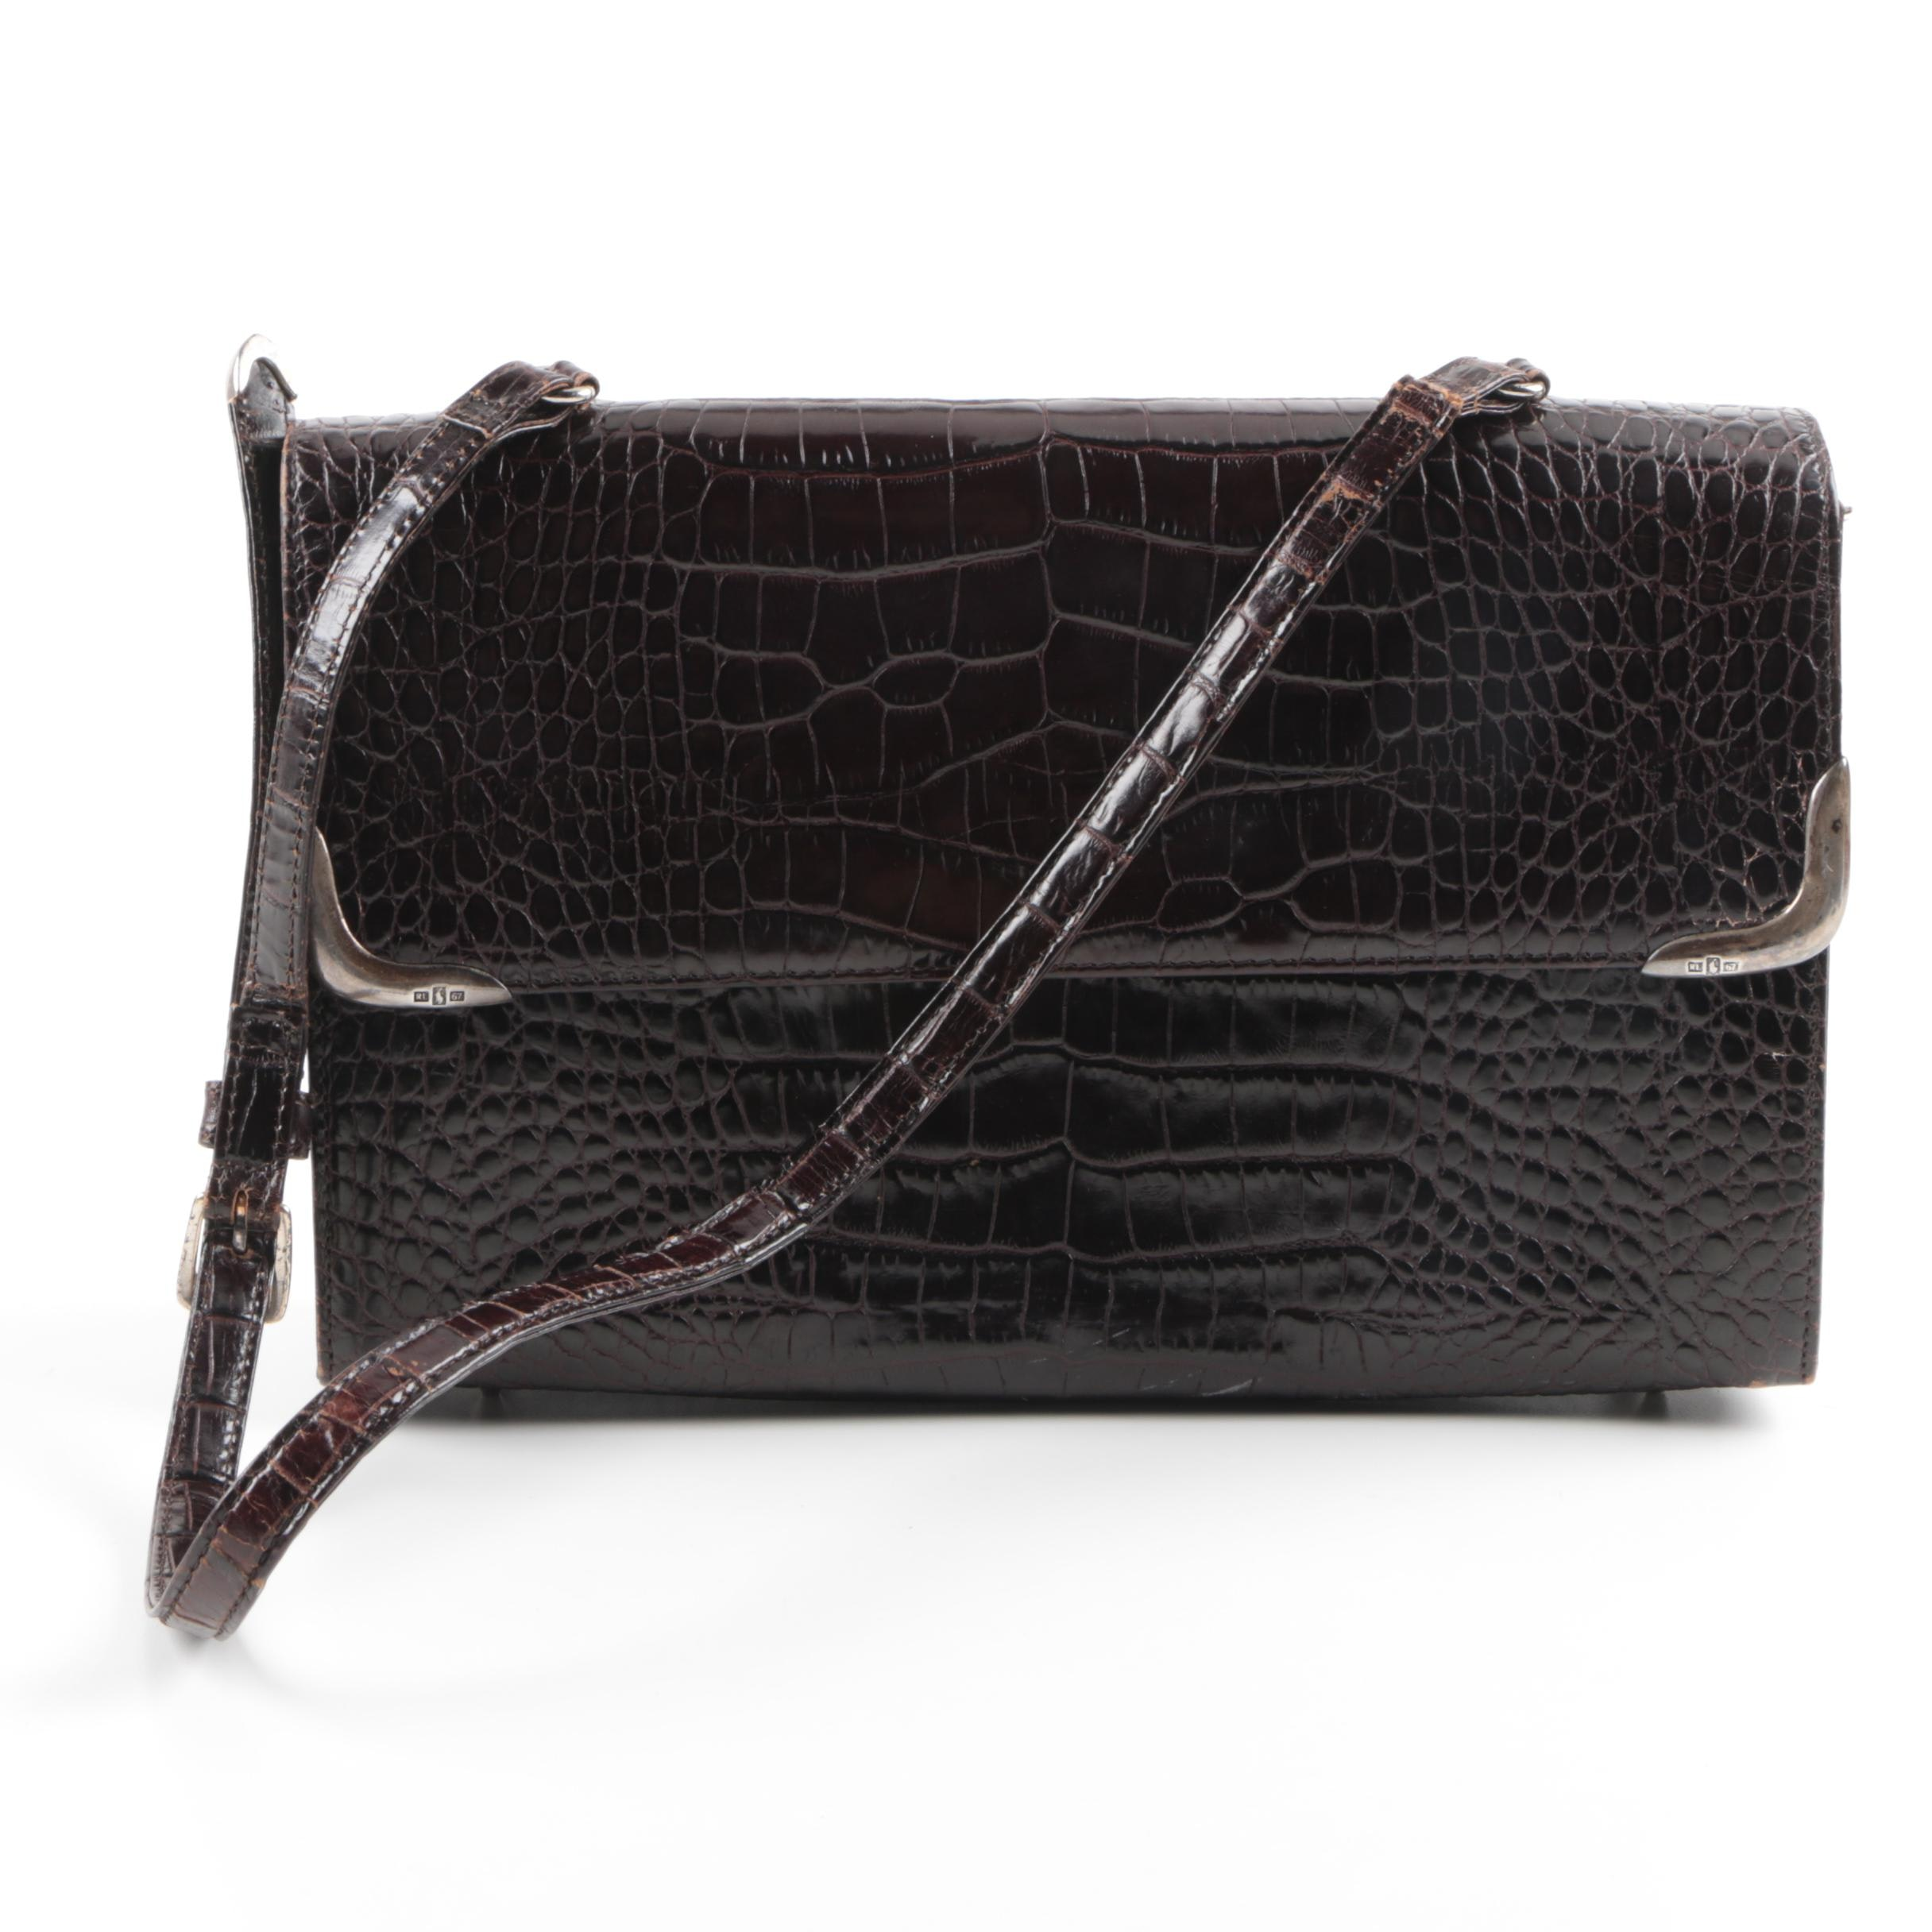 Ralph Lauren Alligator Embossed Handbag